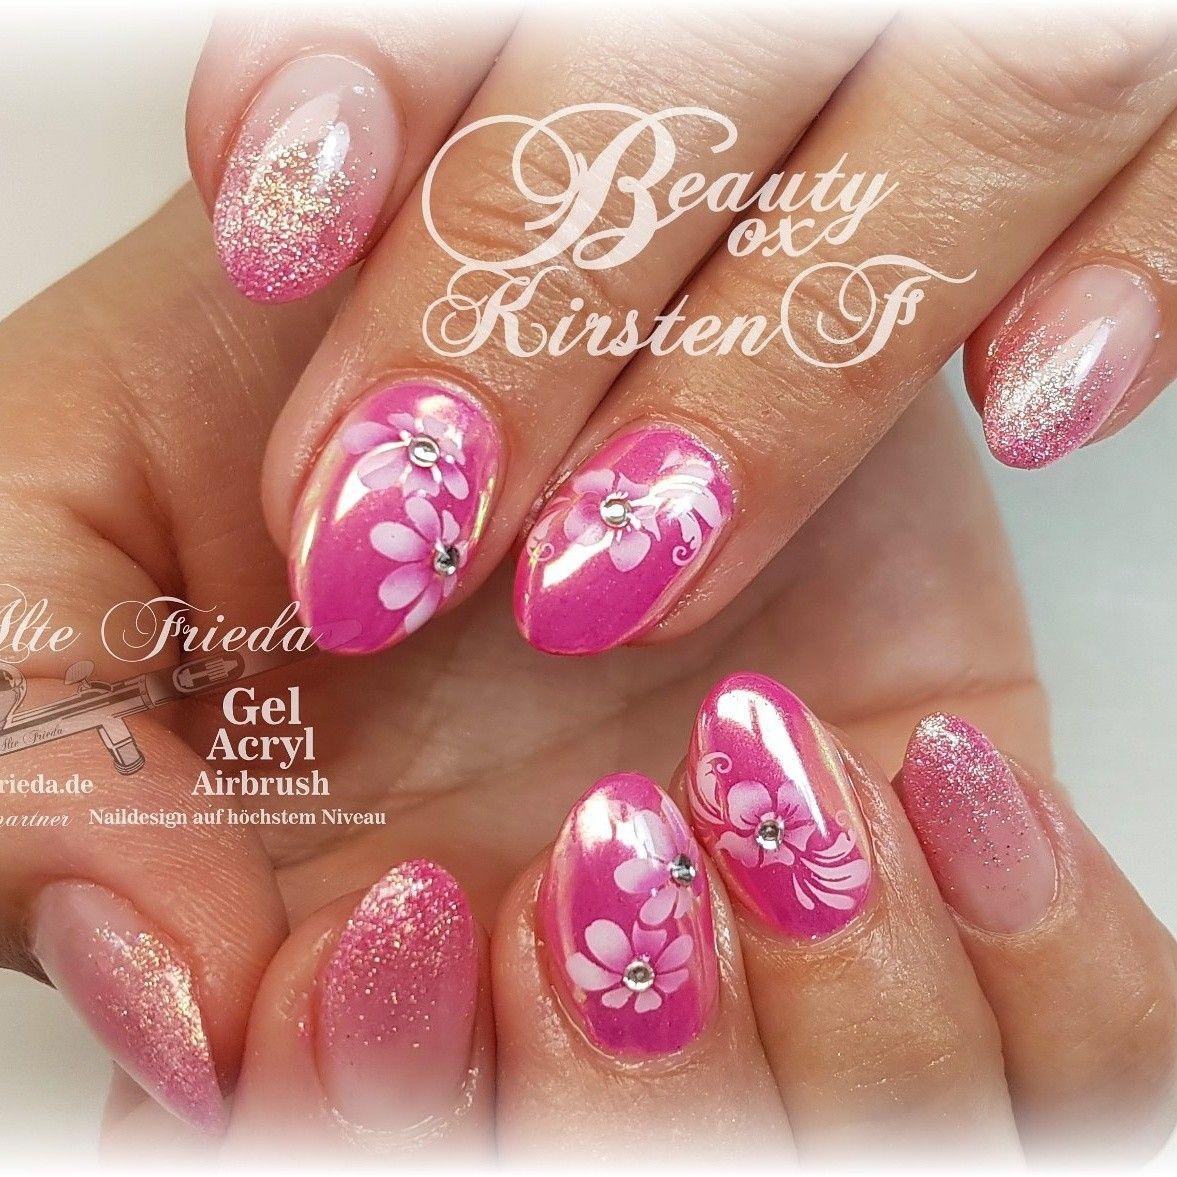 Pinke Nägel mit Aurora Pigment Airbrush und Glitter Www.alte-frieda ...